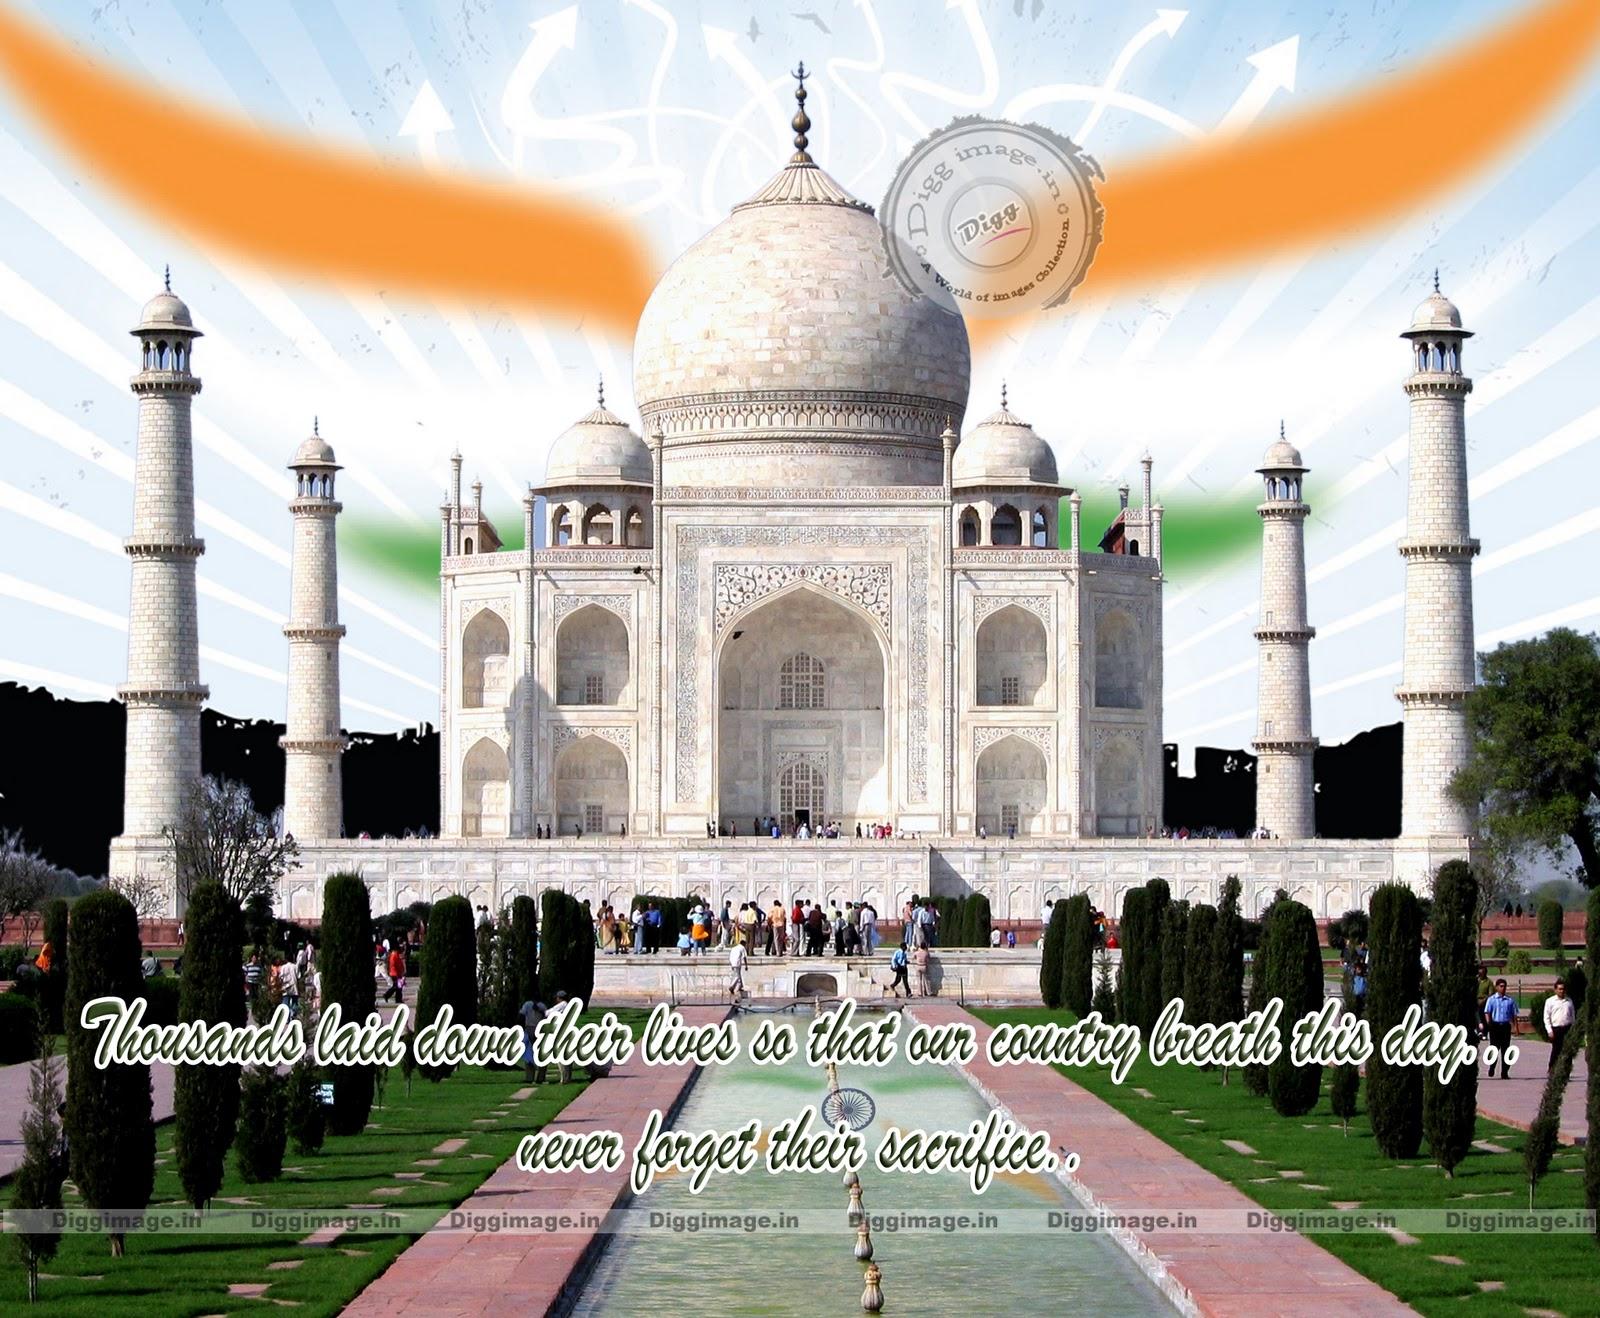 http://3.bp.blogspot.com/_eVlQxIsM5t0/TT5pldBK1II/AAAAAAAAAGw/AUmagWIqXgk/s1600/Taj_Mahal_in+with+flag.JPG